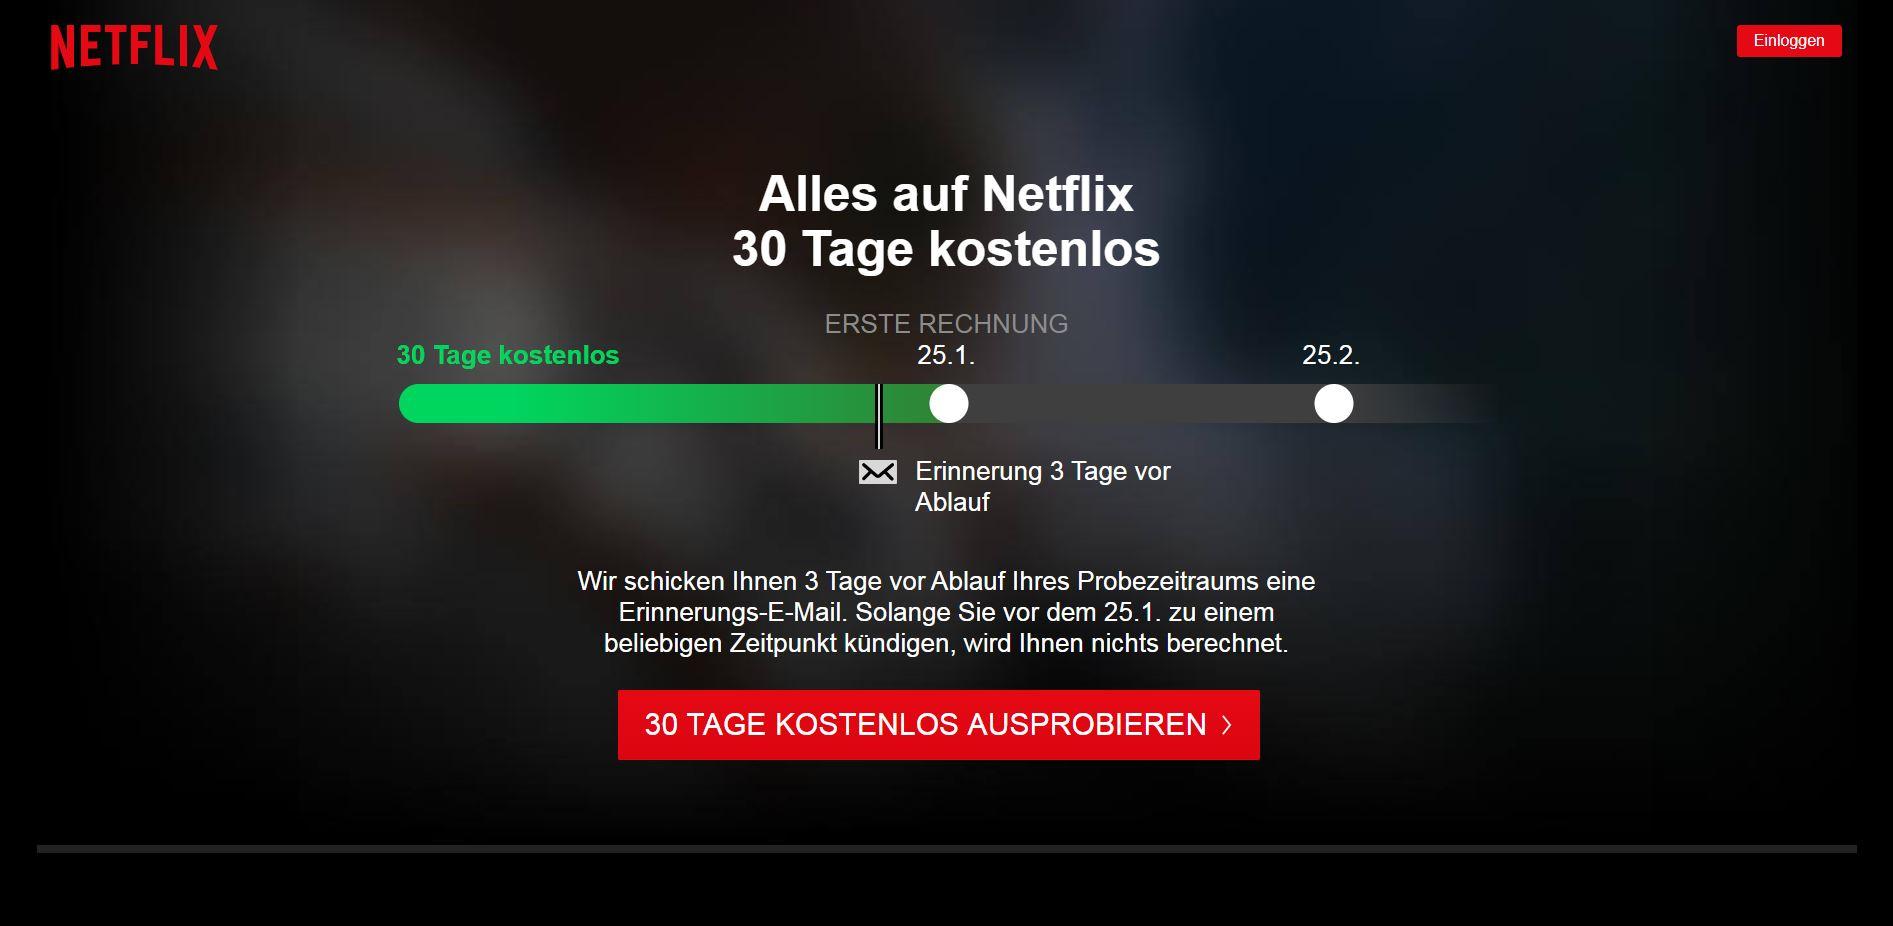 Netflix Anmeldung Startseite